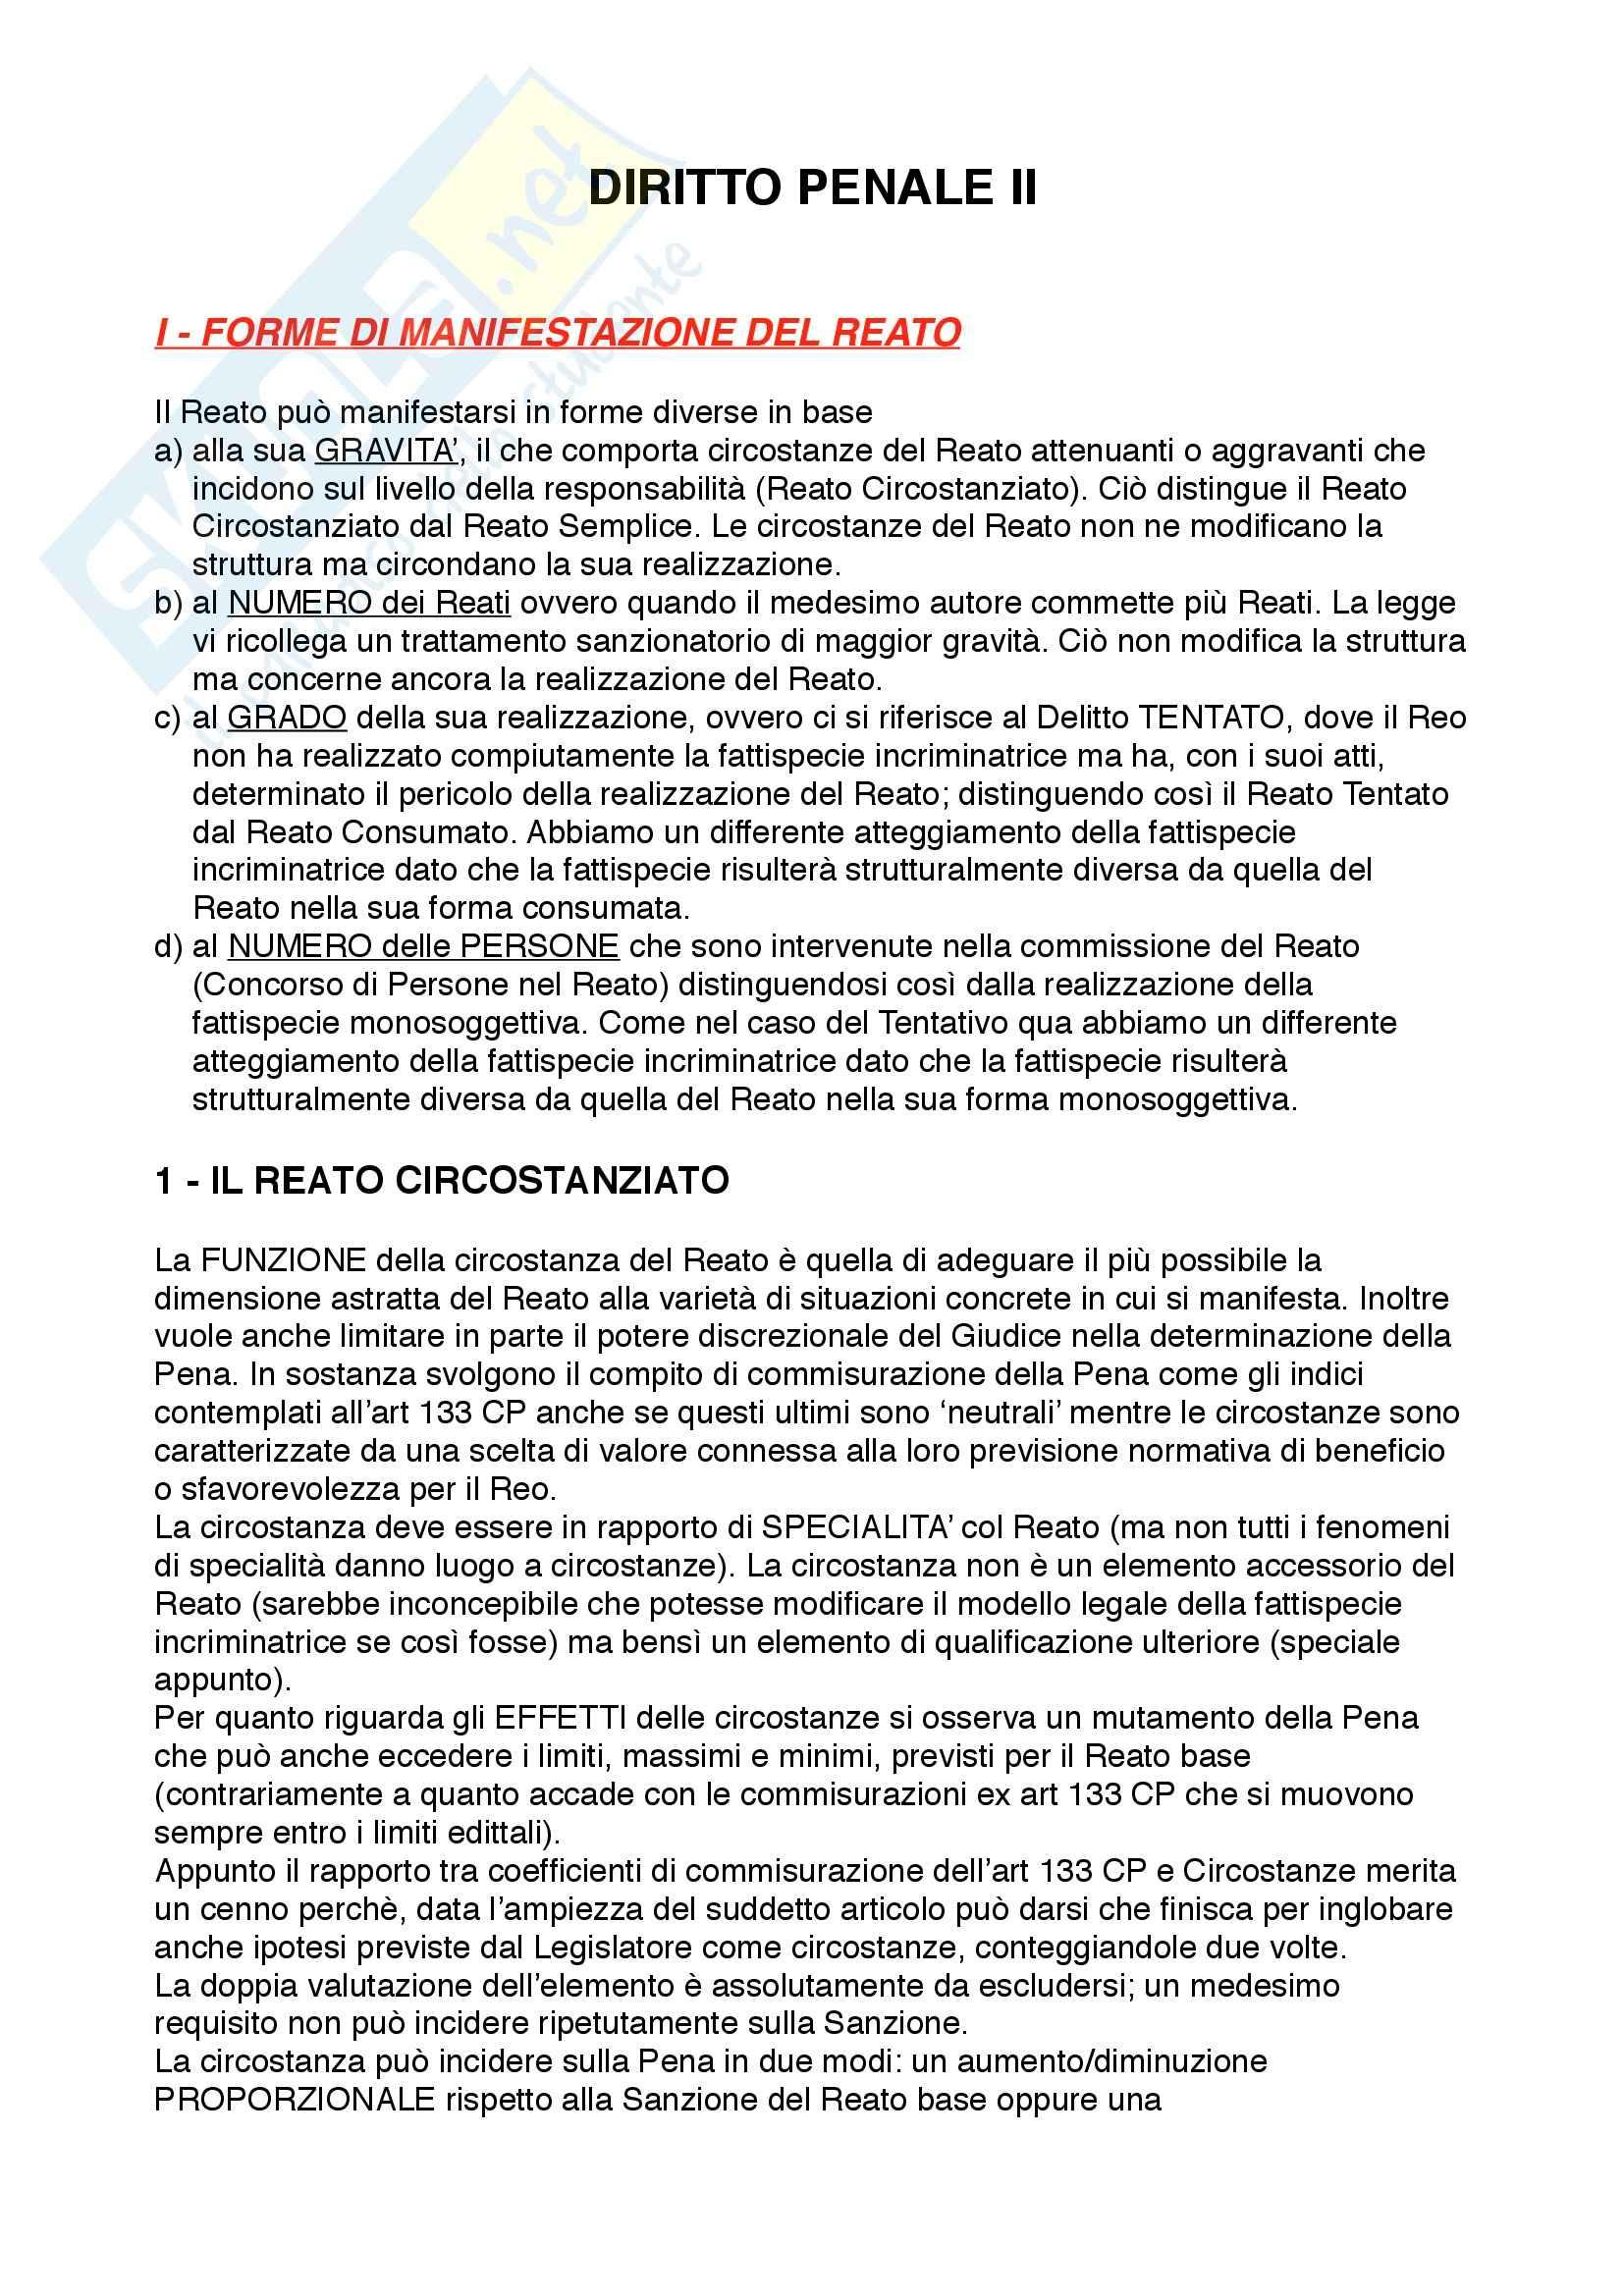 appunto G. De Francesco Diritto penale